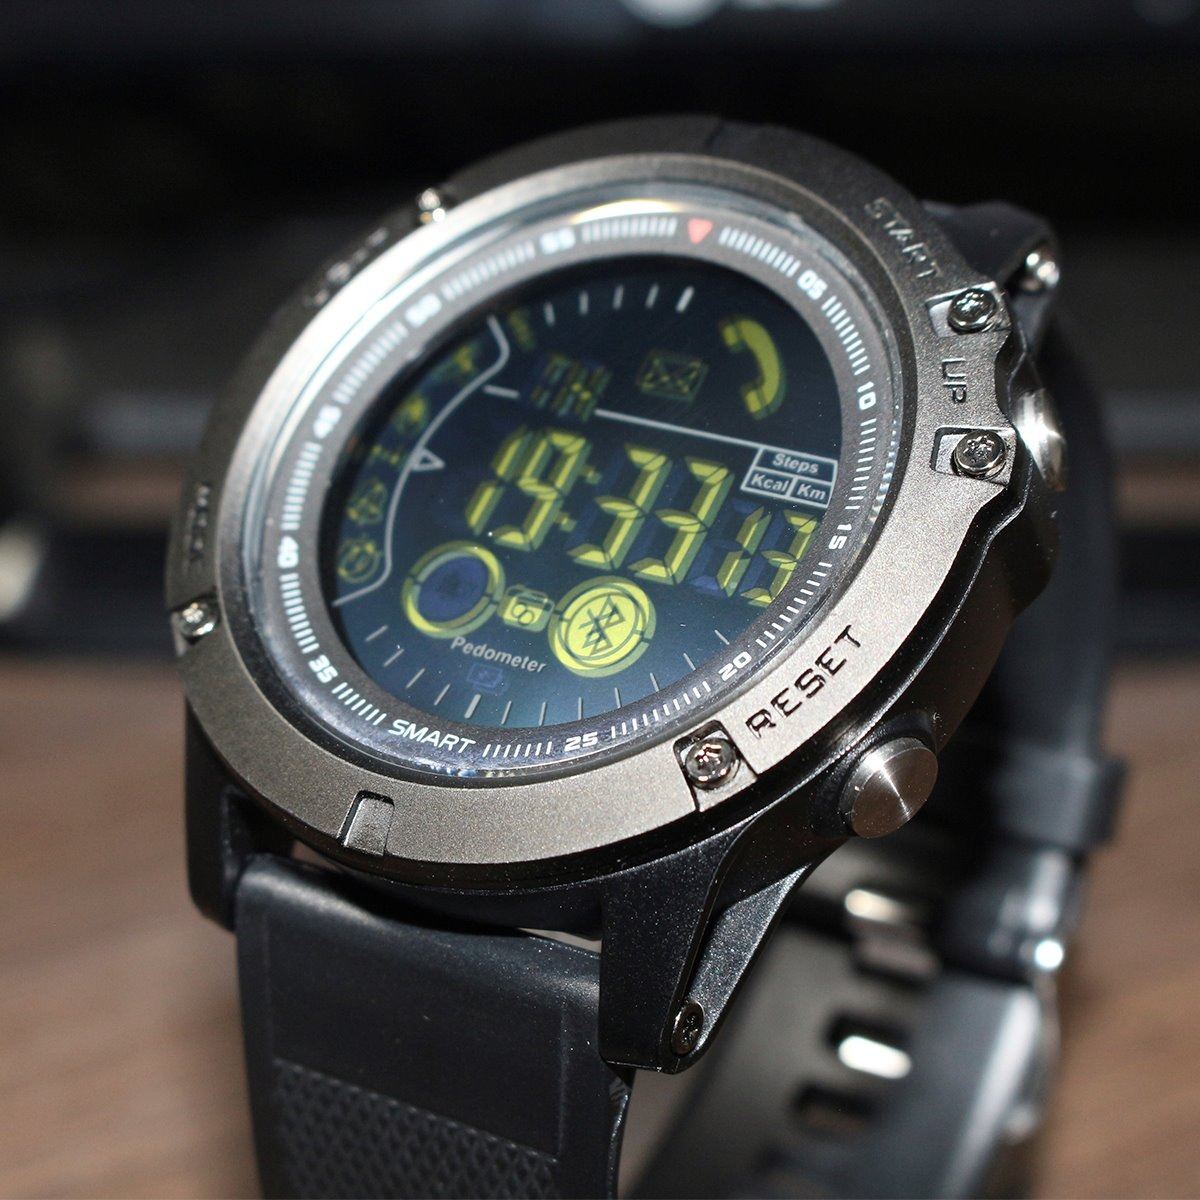 e7f1db16533 relógio masculino zeblaze vibe 3 com bluetooth 4.0. Carregando zoom.